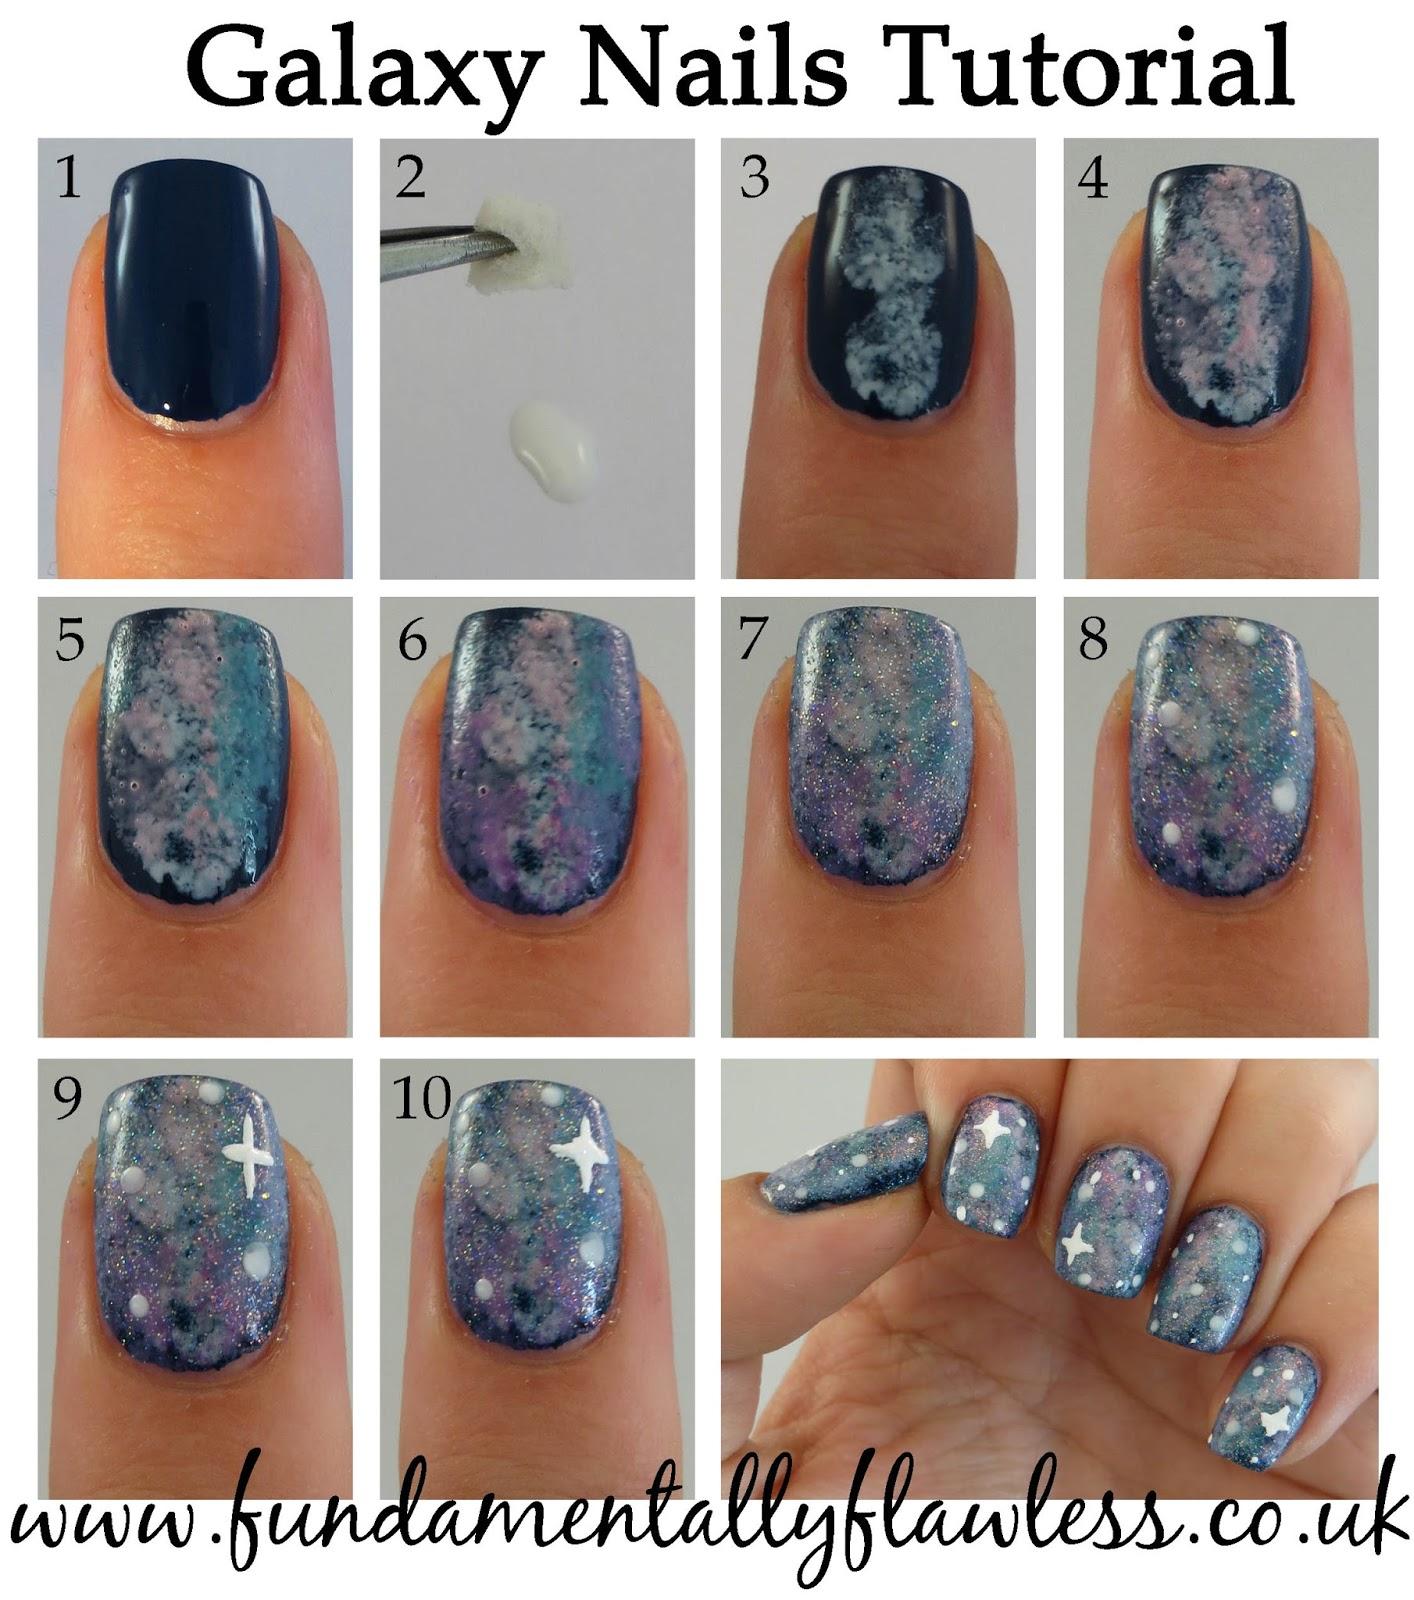 Fundamentally Flawless: Galaxy Nails Tutorial